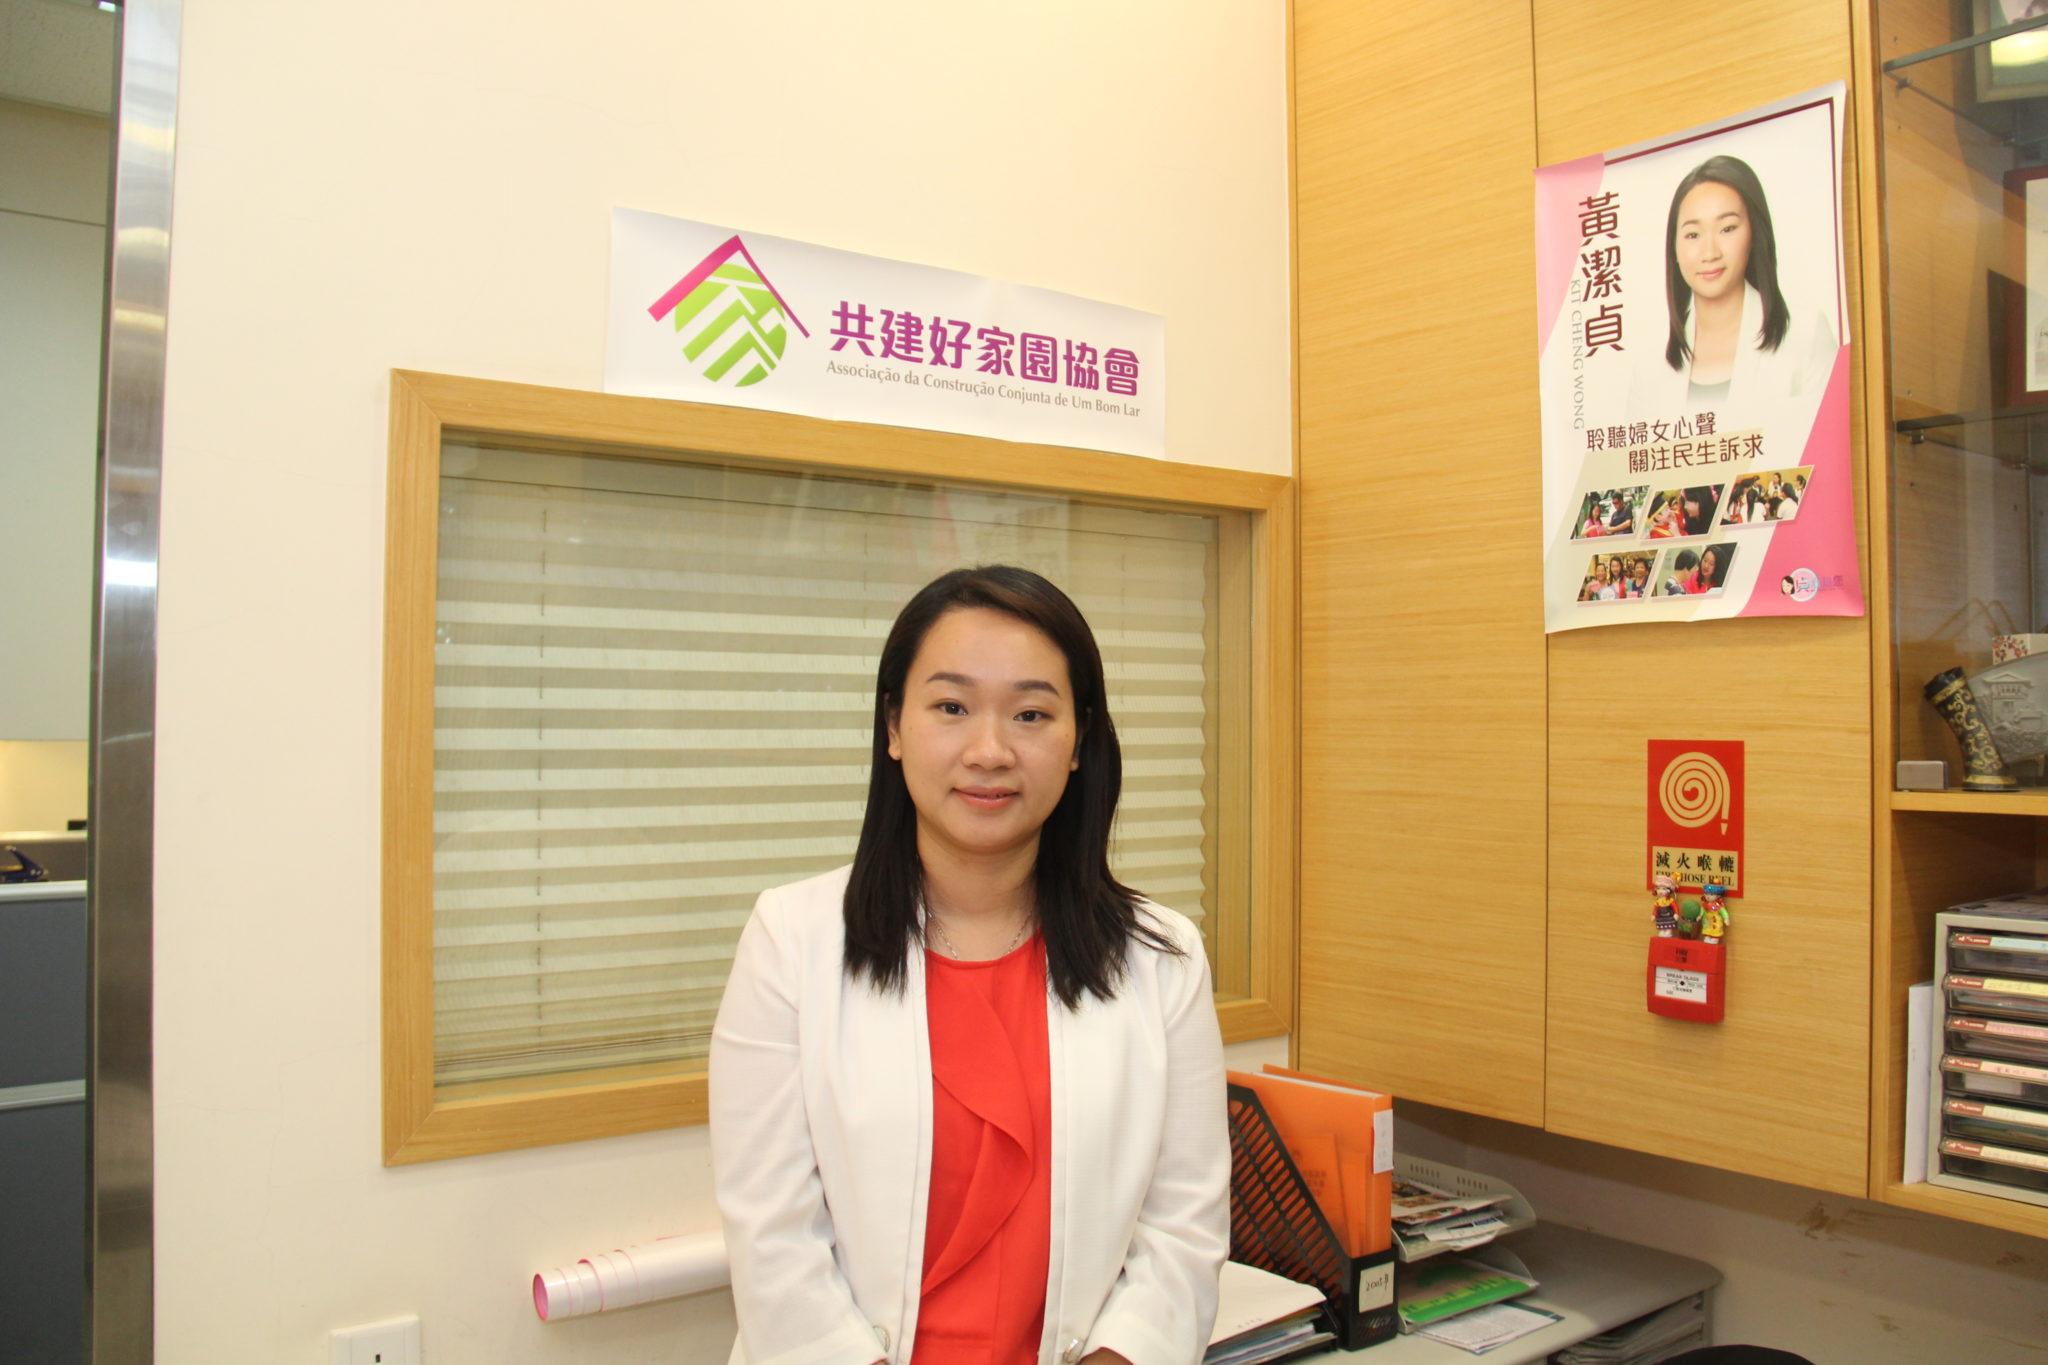 Vacinas | Wong Kit Cheng alerta para baixa taxa de inoculação